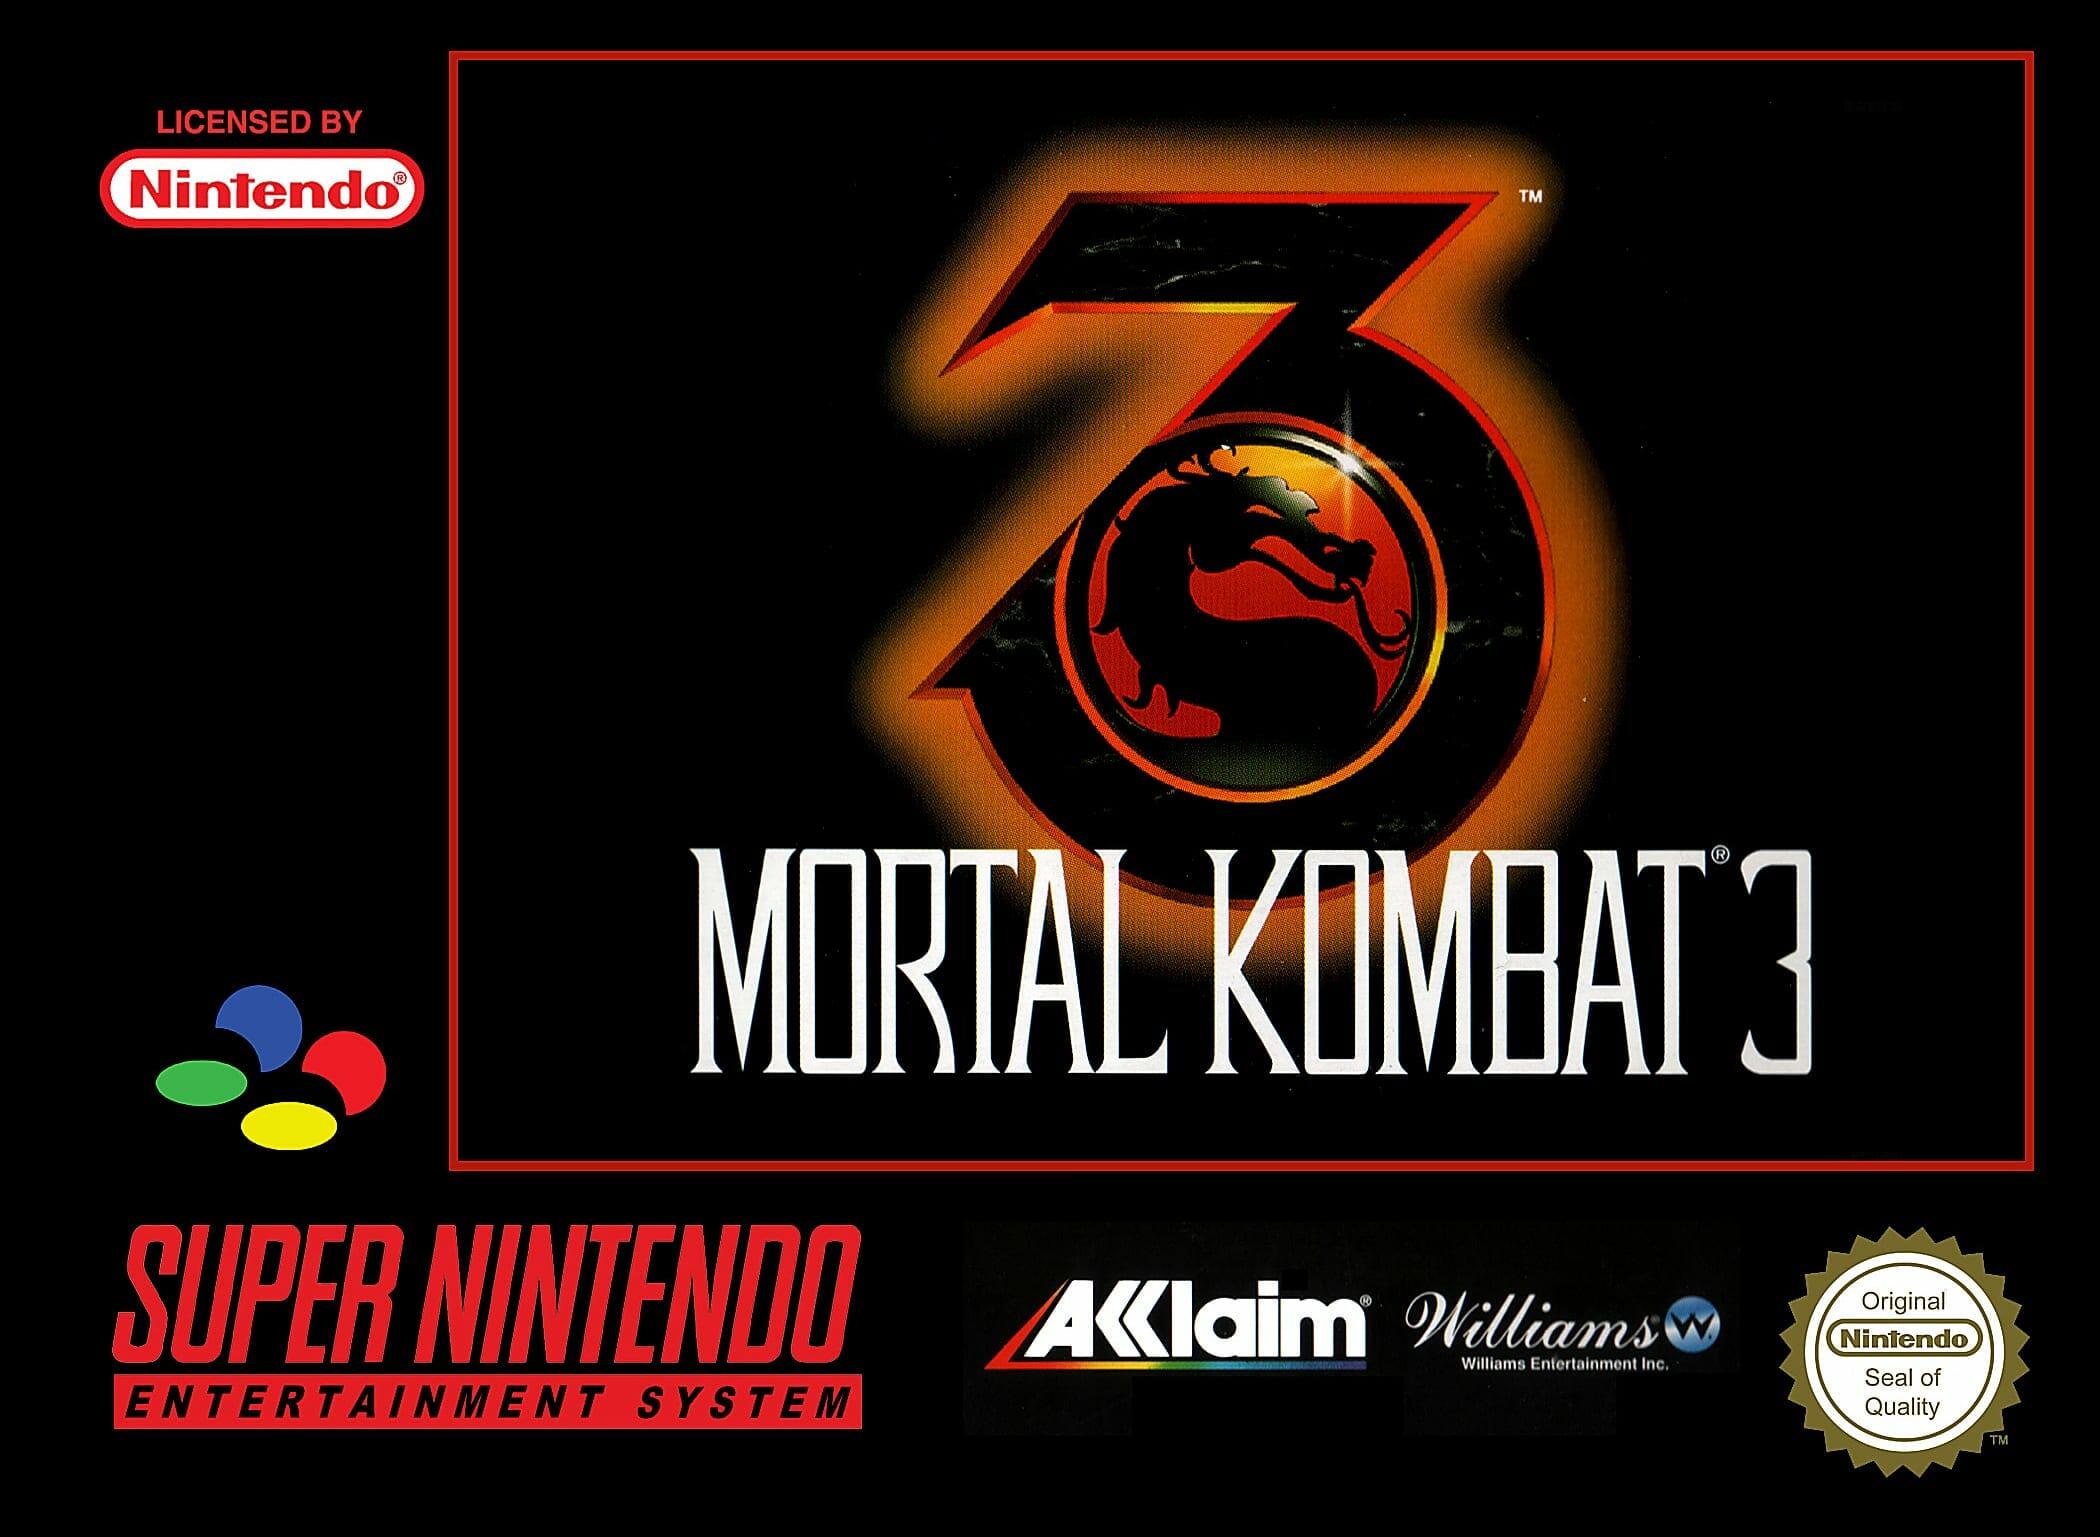 Mortal Kombat 3 Source Code Has Leaked